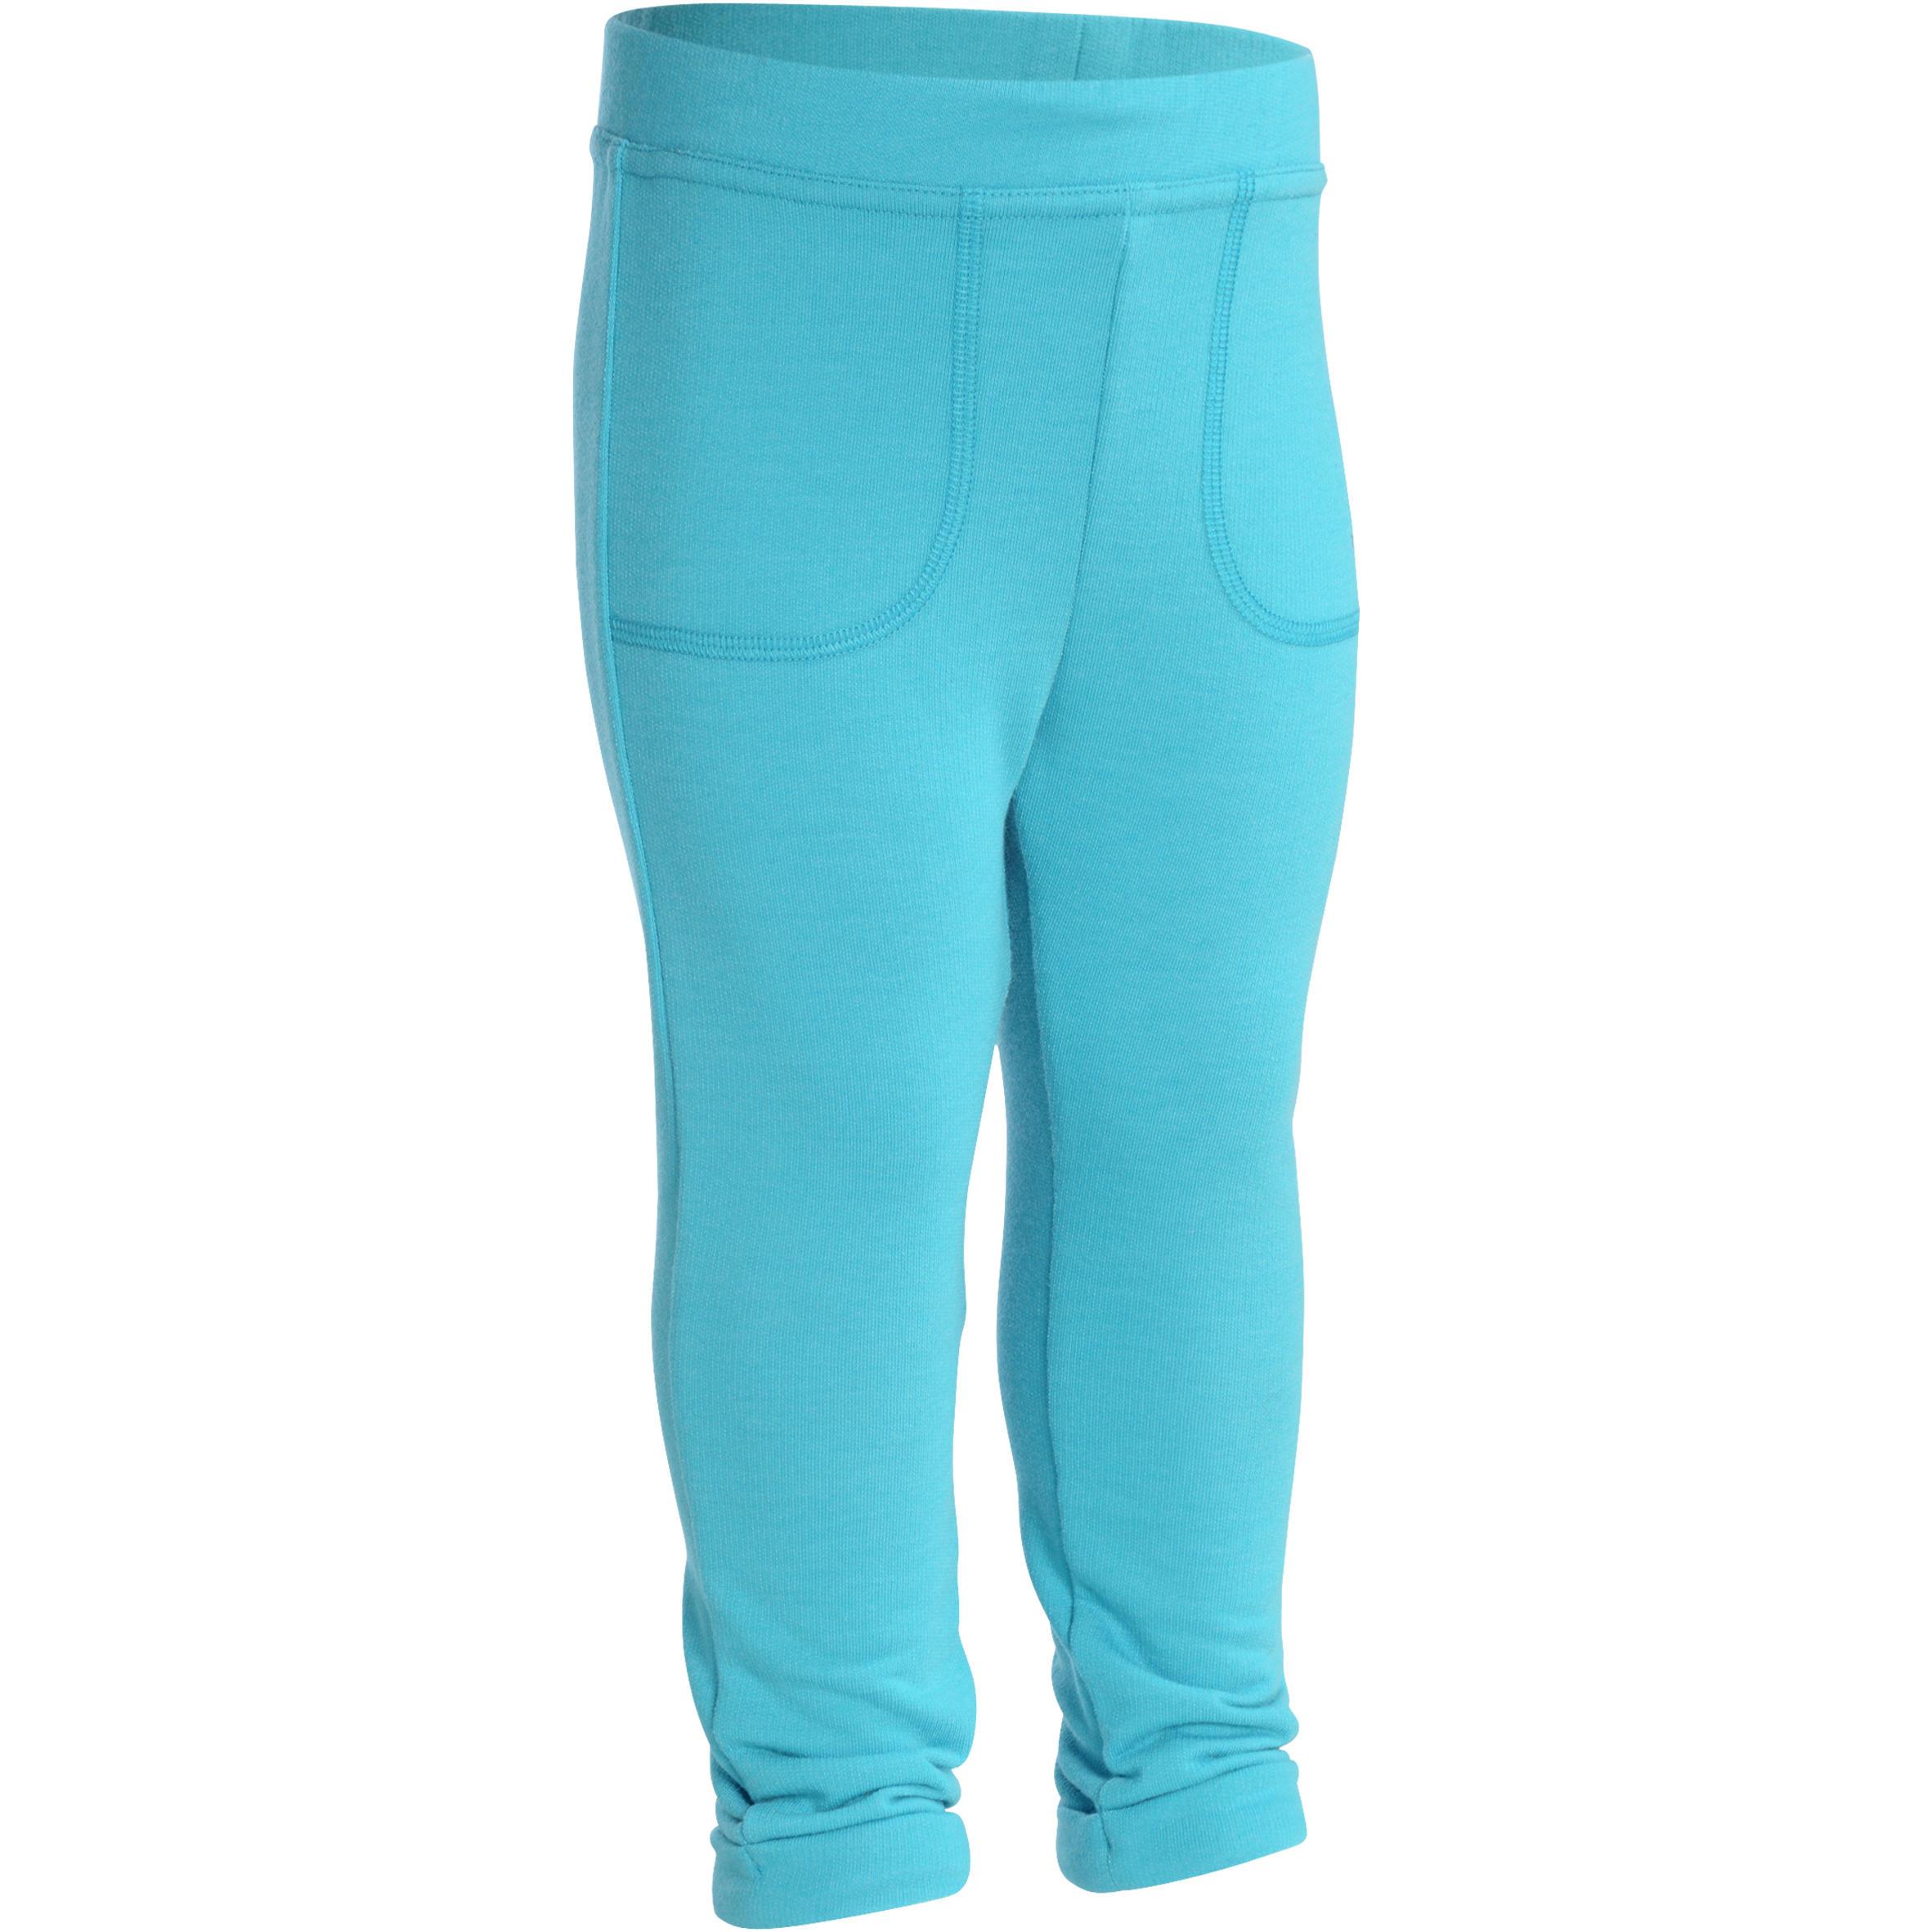 Gym broek voor peuters blauw